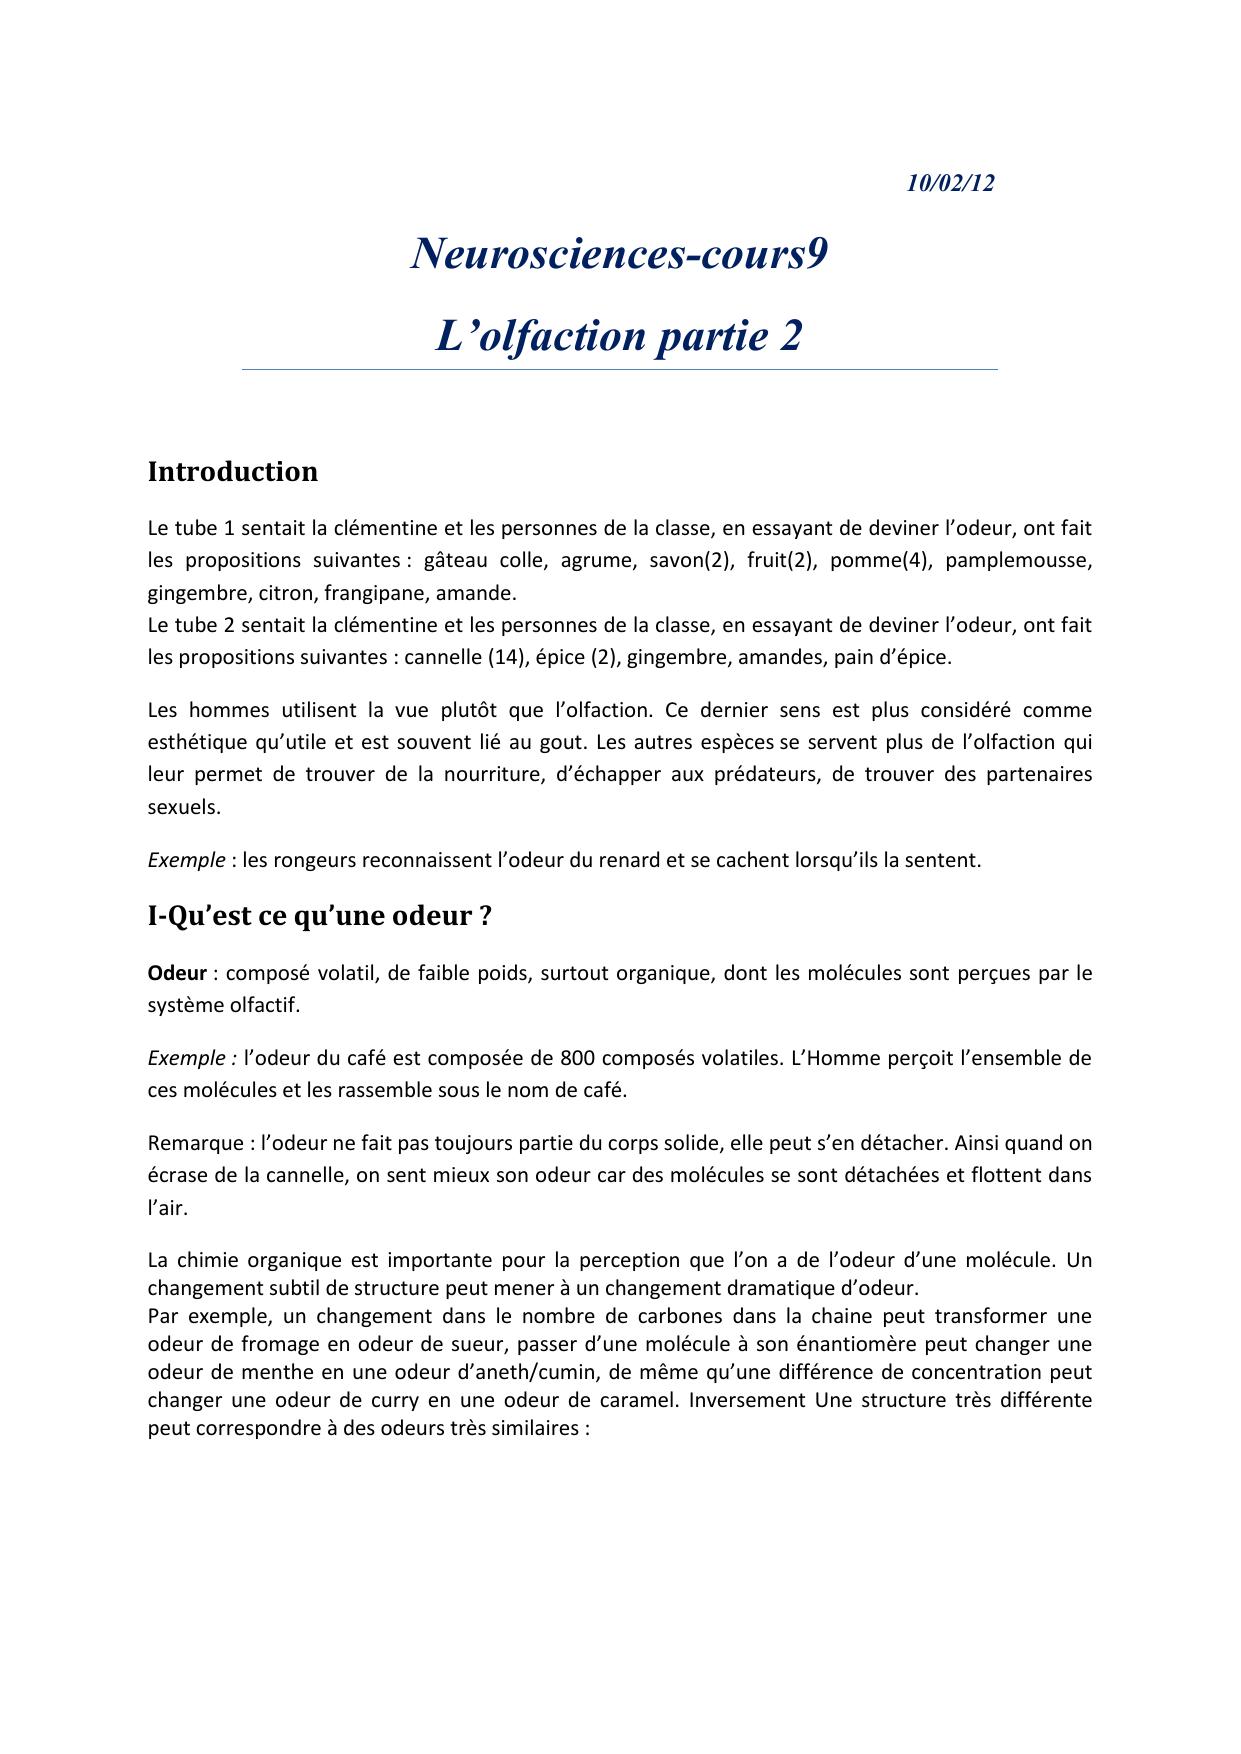 Neurosciences-Cours9 L'olfaction Partie 2 Introduction 10/02/12 tout Sens Olfactif